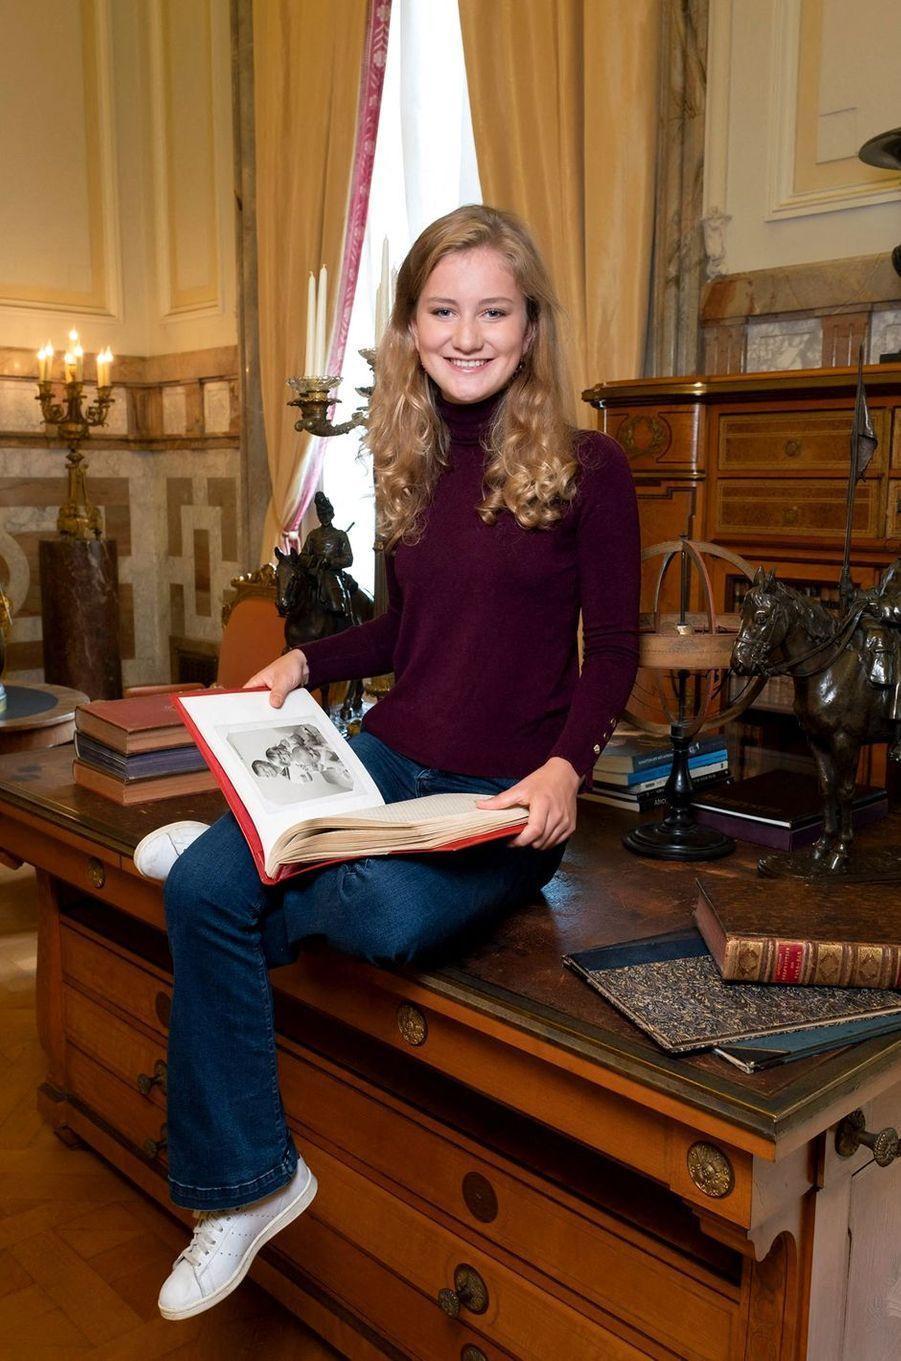 Portrait officiel de la princesse héritière Elisabeth de Belgique dévoilé le 23 octobre 2019, deux jours avant ses 18 ans